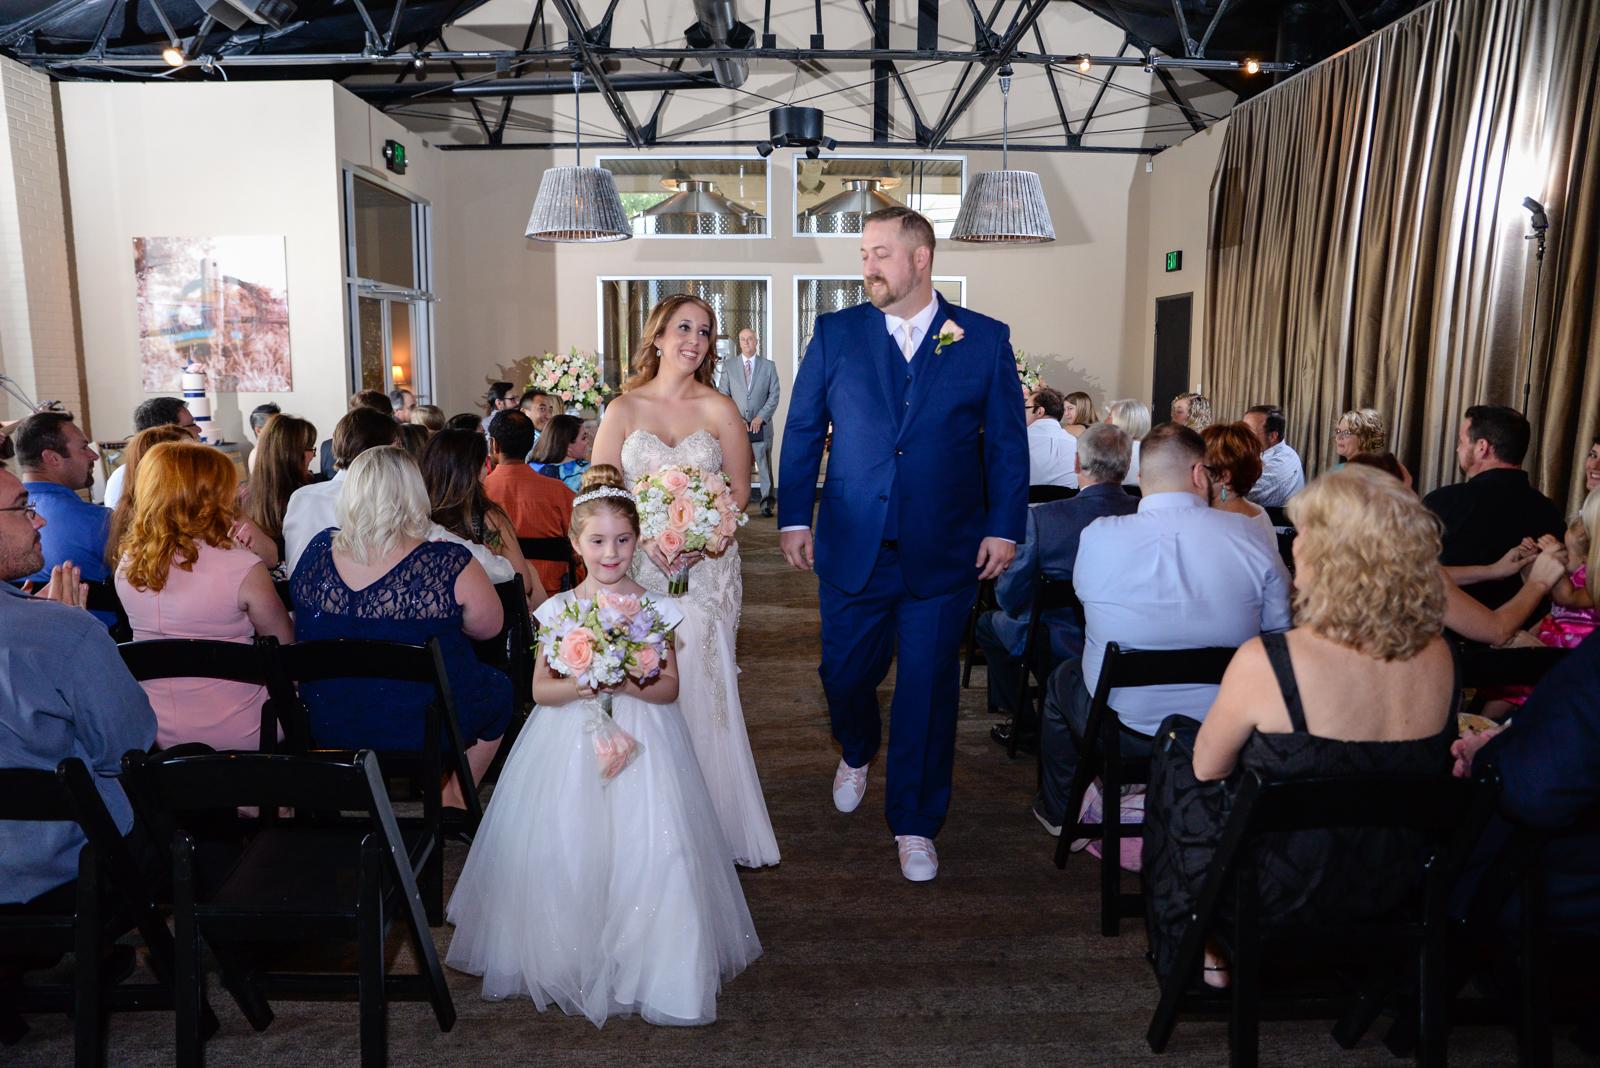 Stephanie Ray Wedding PhotographyDSC_7340.jpg